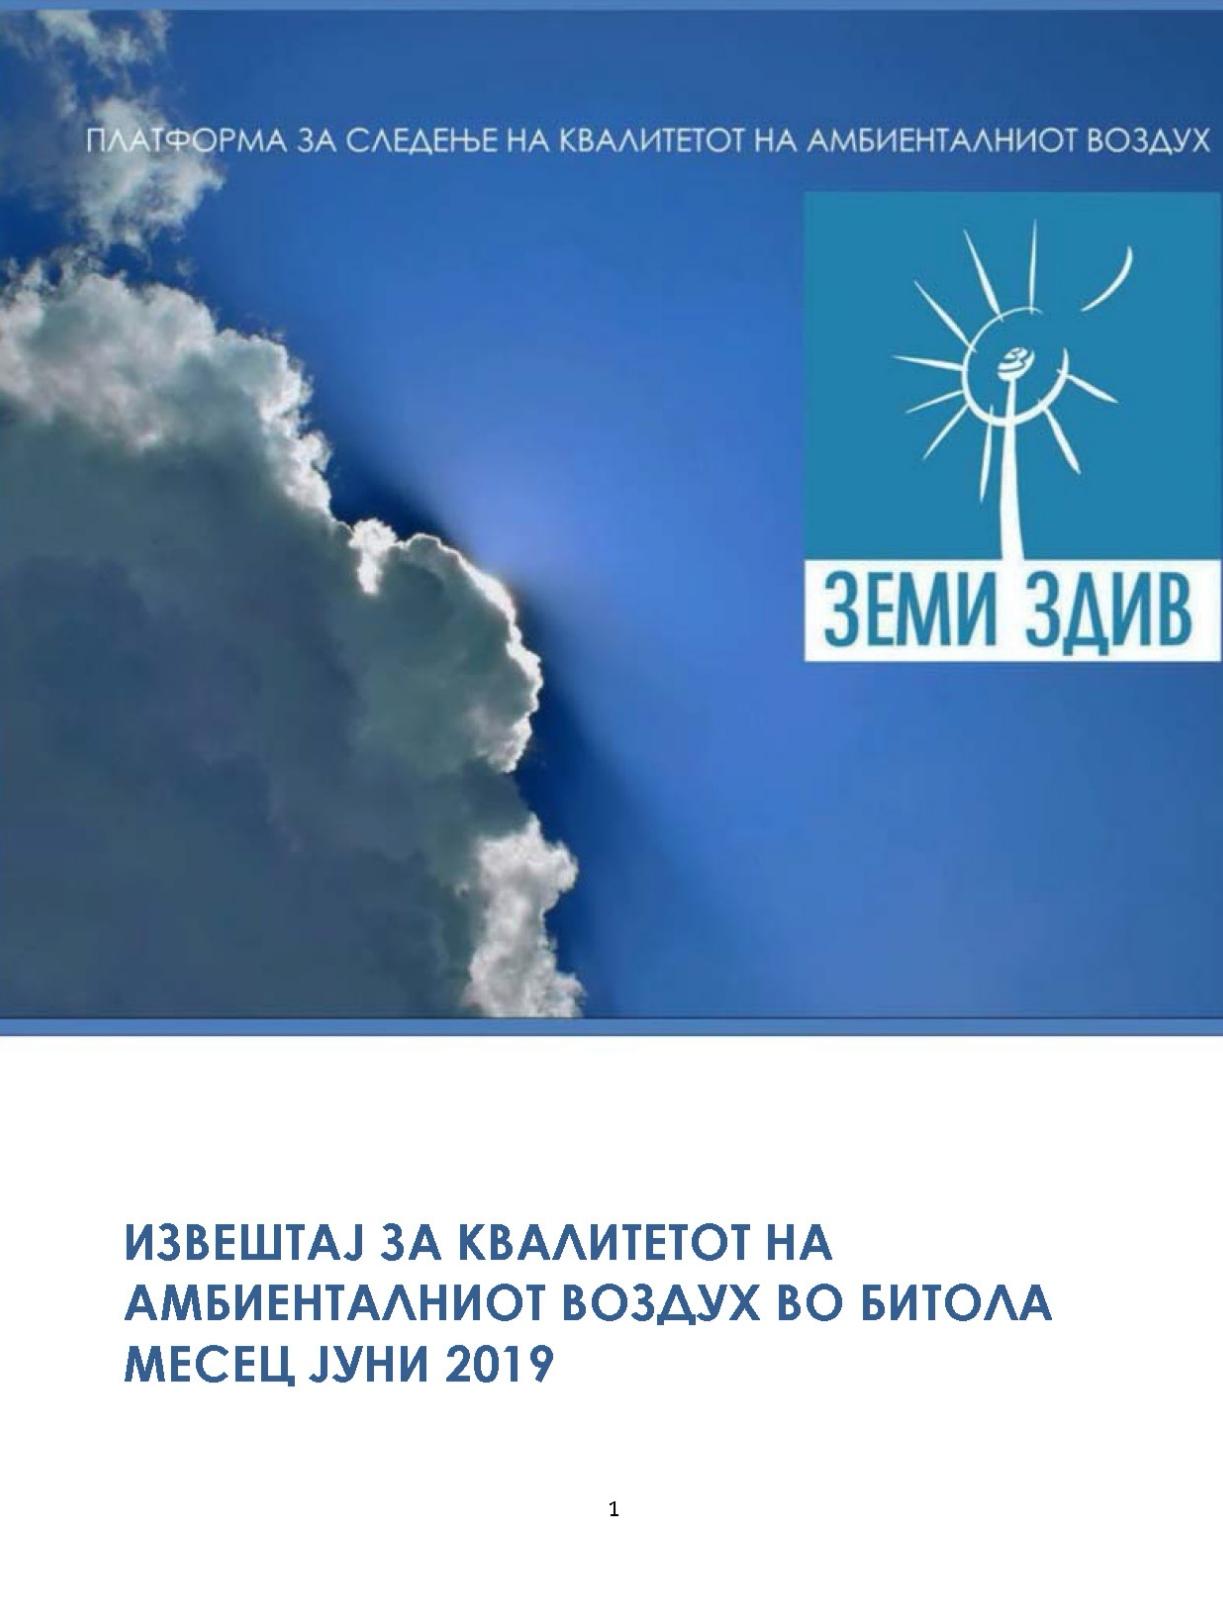 Извештај за квалитетот на амбиенталниот воздух во Битола месец јуни 2019